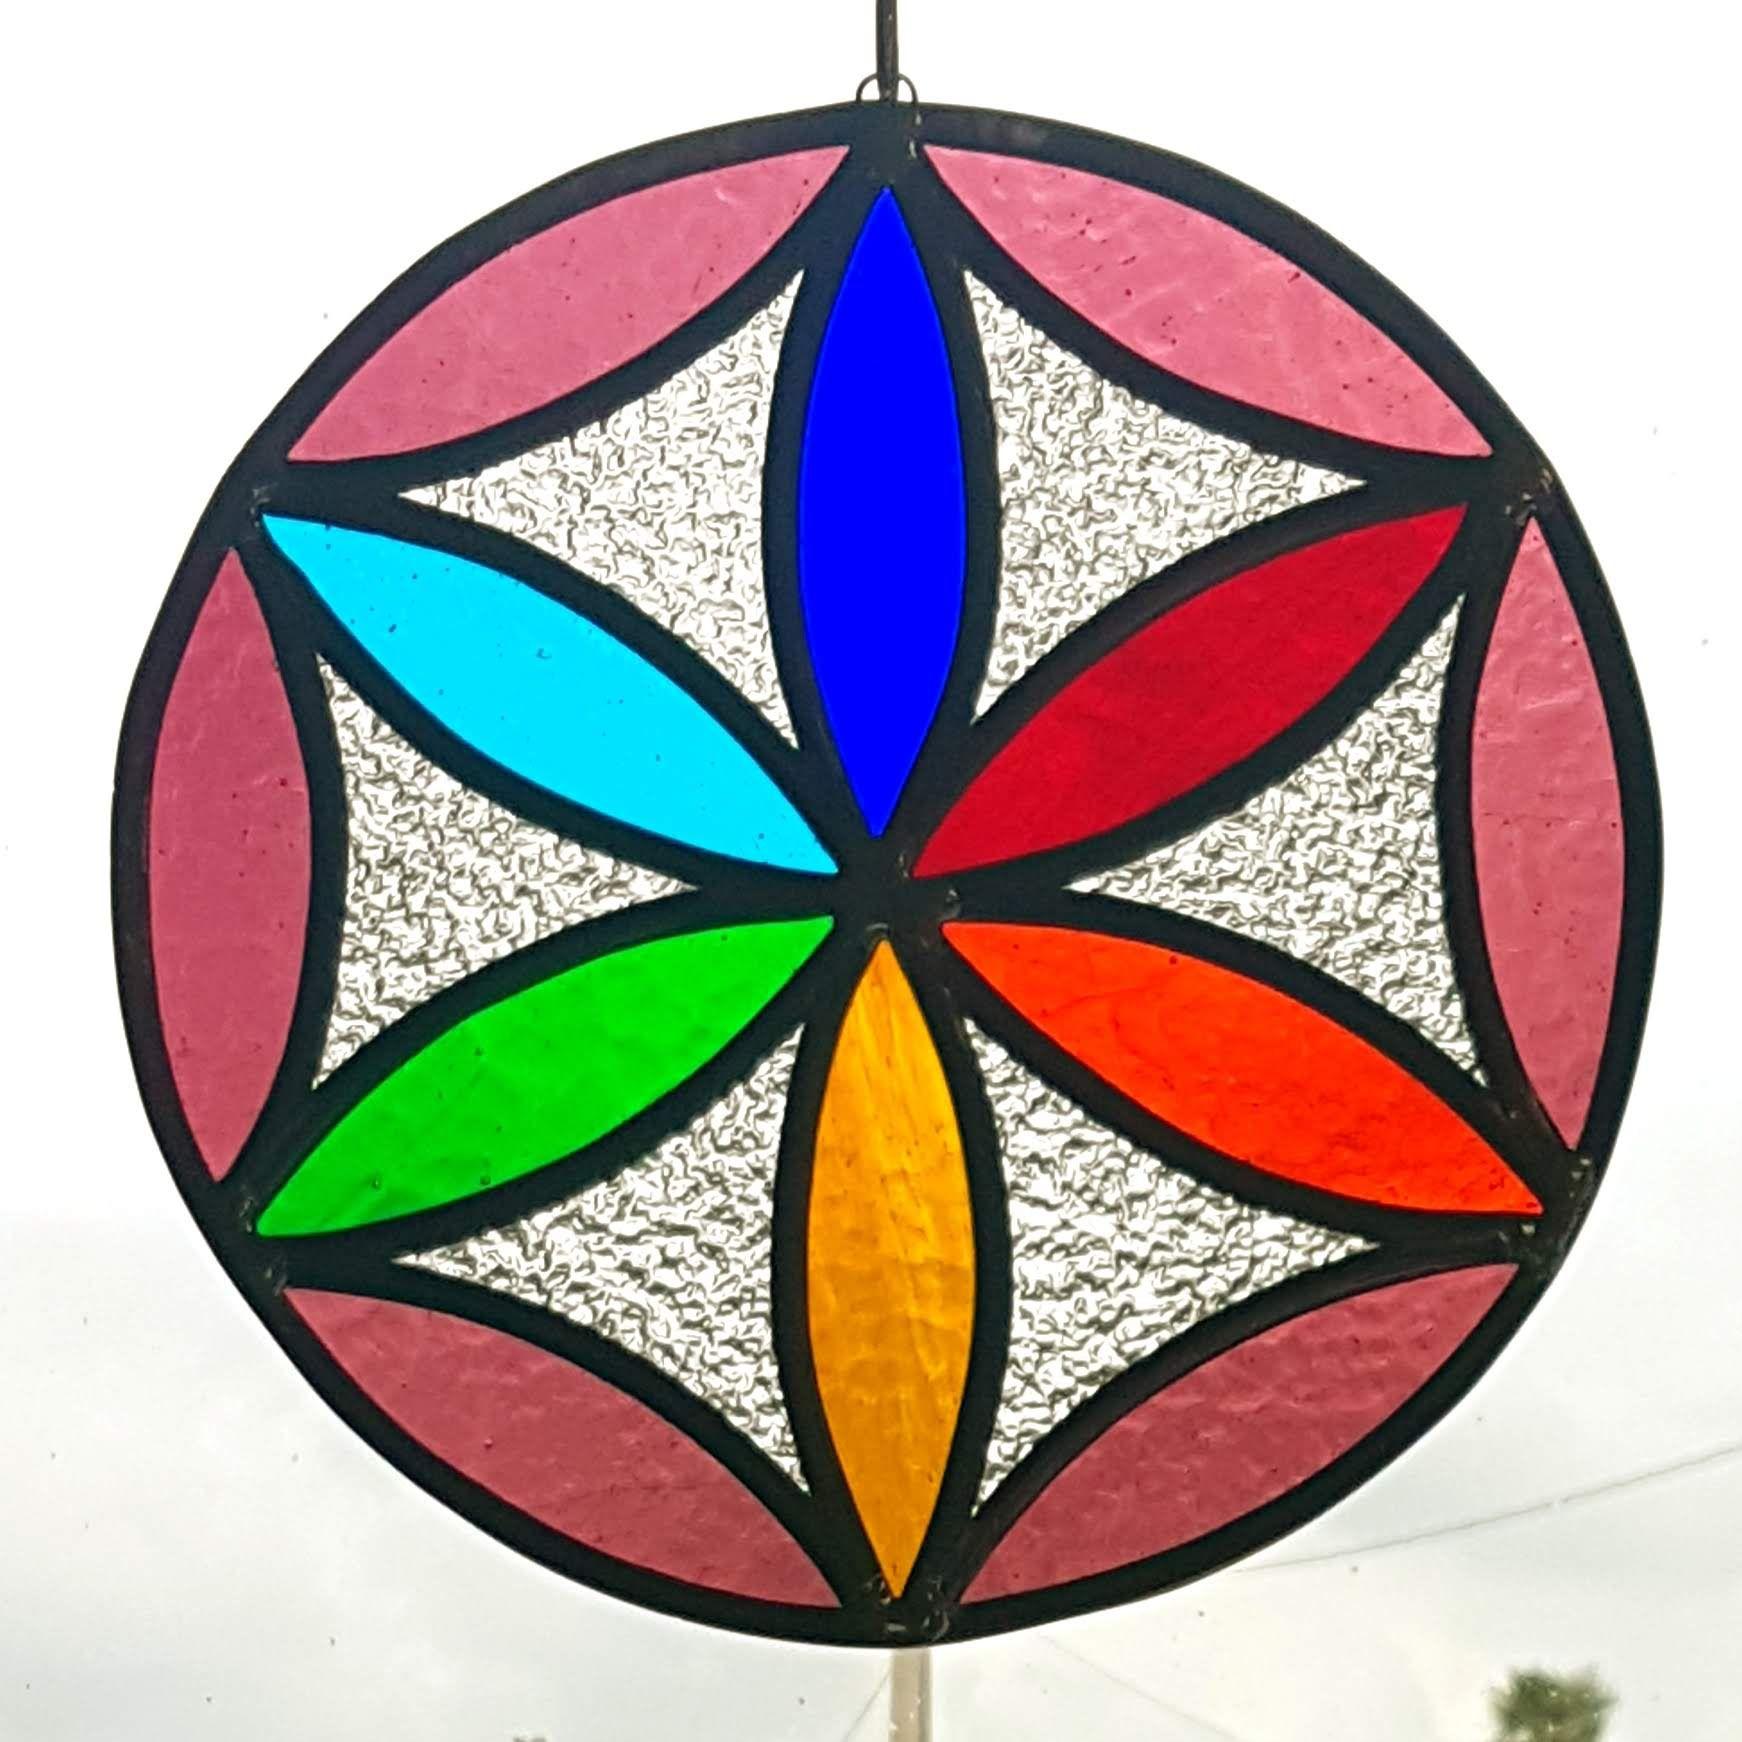 Suncatcher Fleur De Vie Vitrail Vitraux D Art 64 Creation Sur Mesure Bayonne Vitrail Dessins De Vitraux Vitrail Contemporain